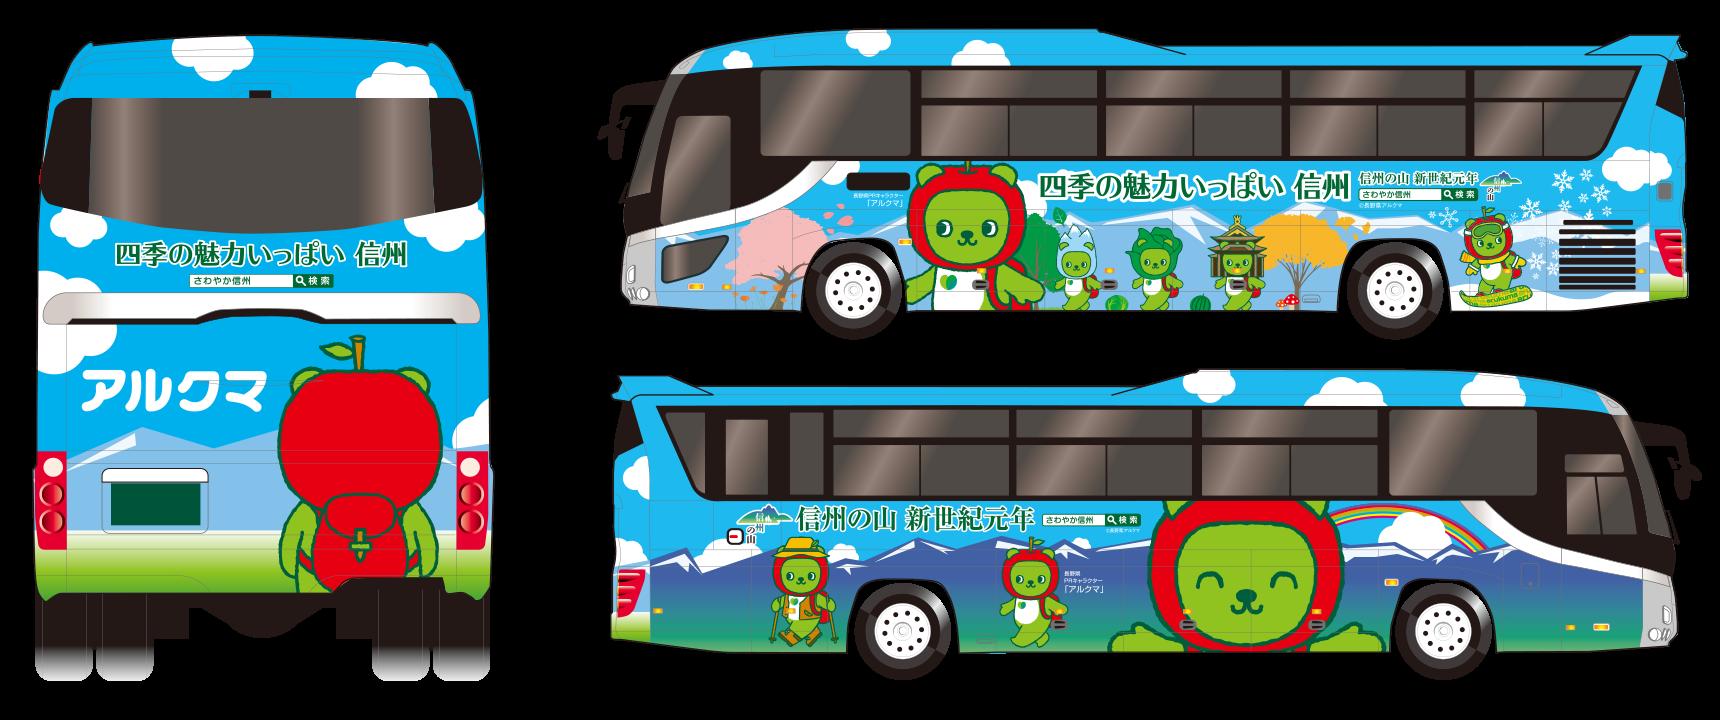 アルクマラッピングバス